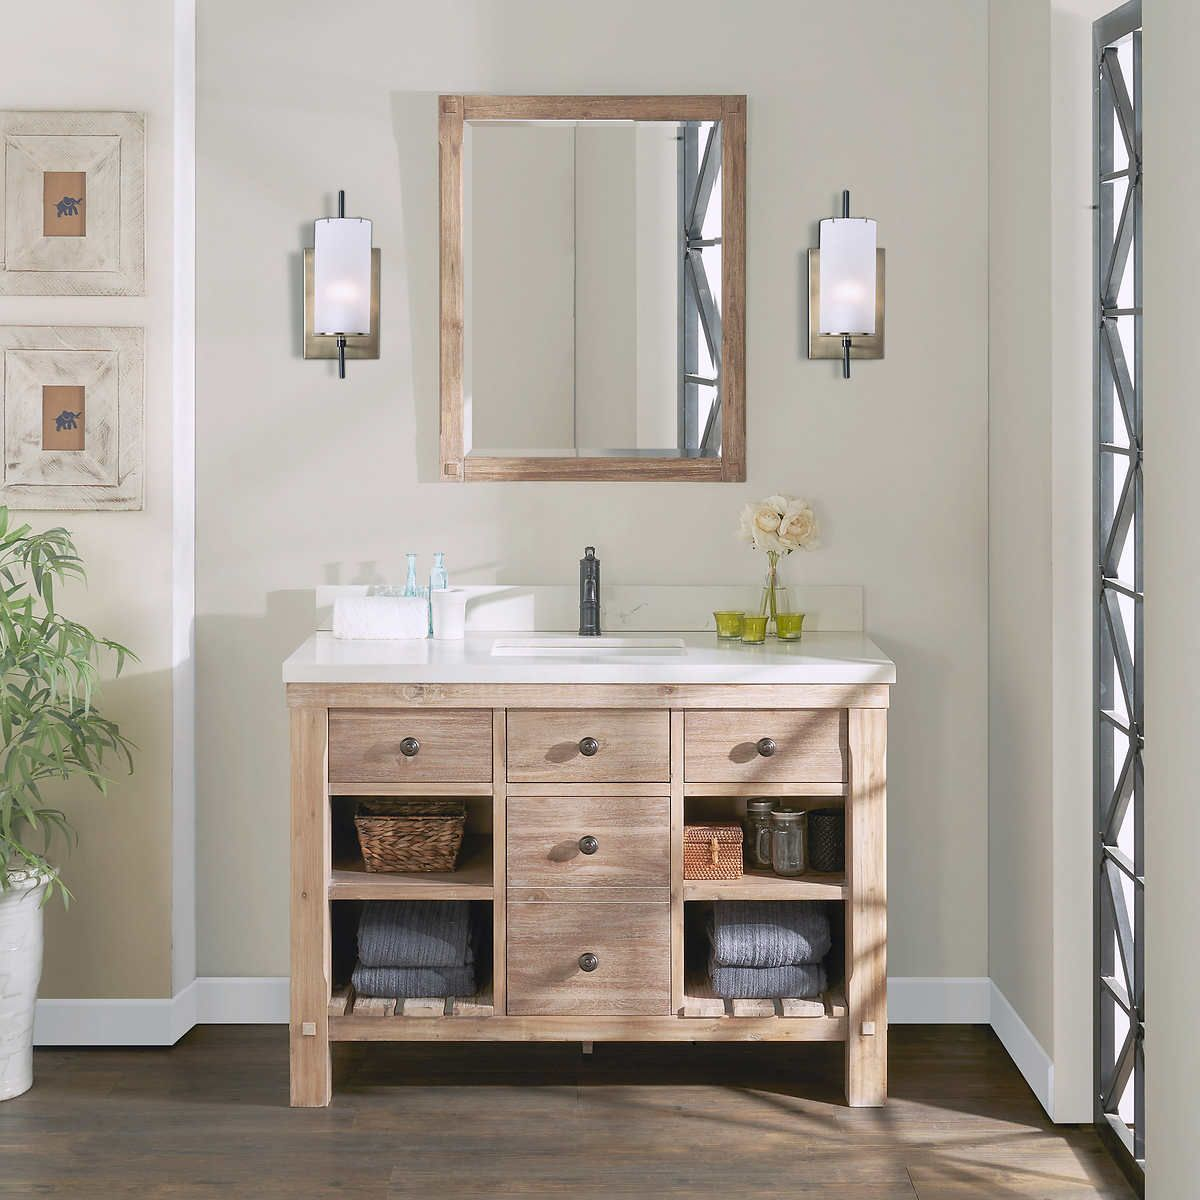 Elbe Rustic 48 Single Sink Vanity By Northridge Home In 2020 Single Sink Vanity Vanity Sink Cheap Bathrooms